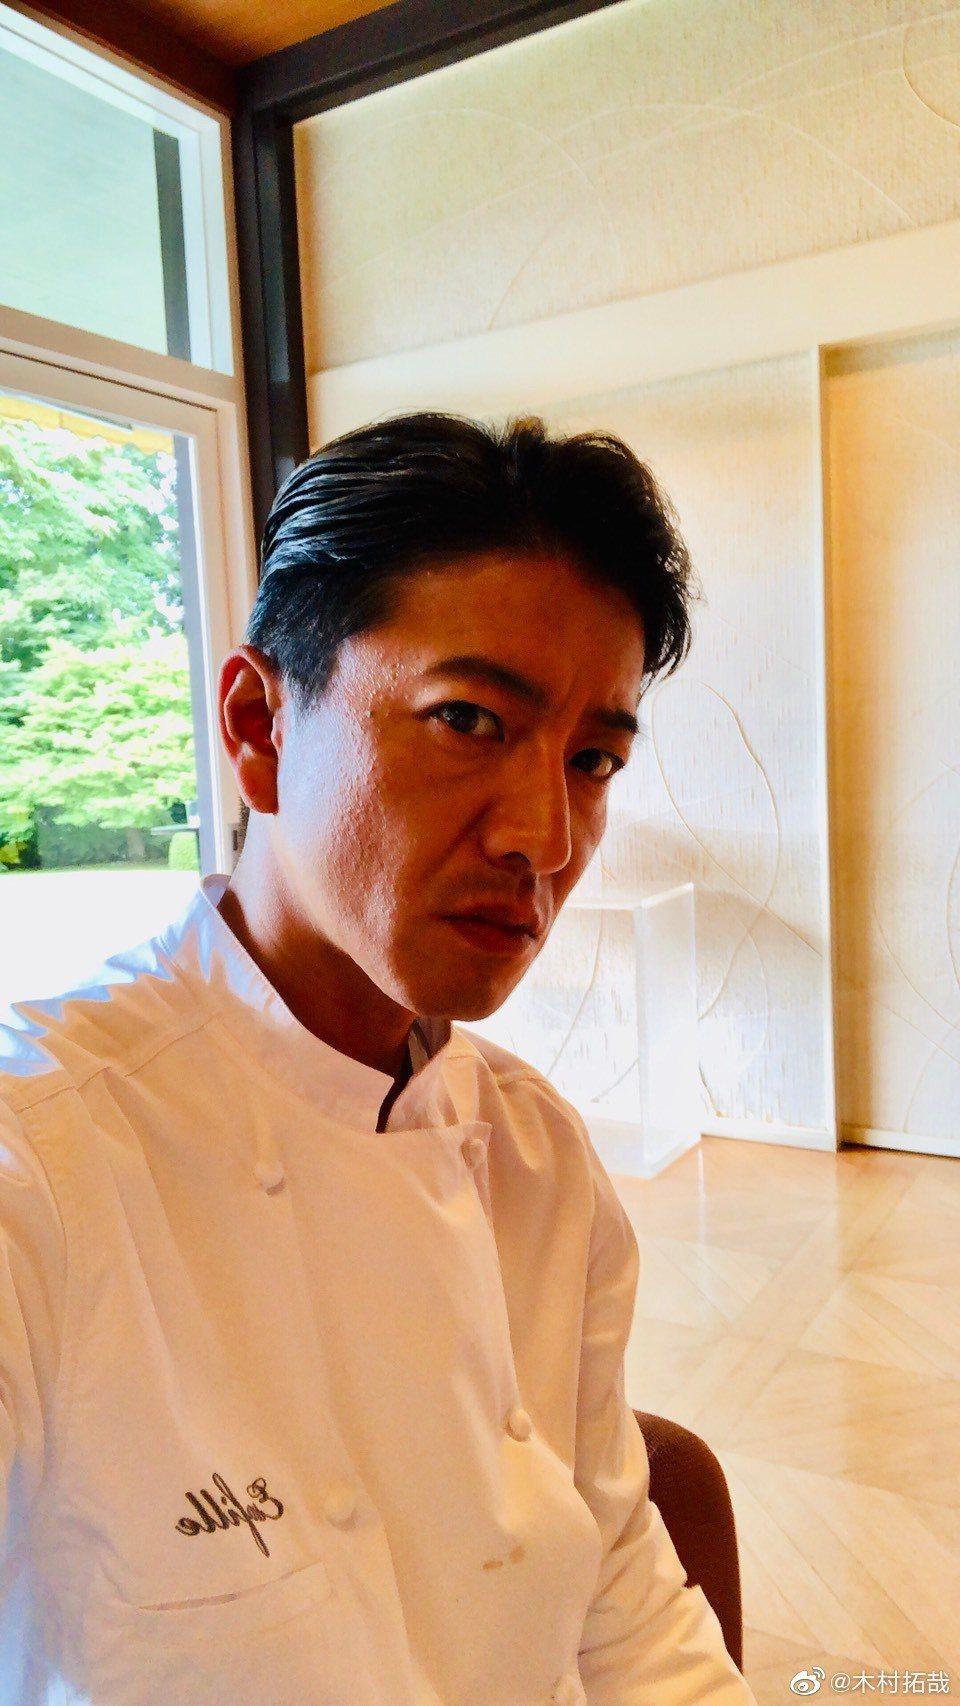 木村拓哉主演美食劇《Grand Maison東京》。圖/擷自木村拓哉微博